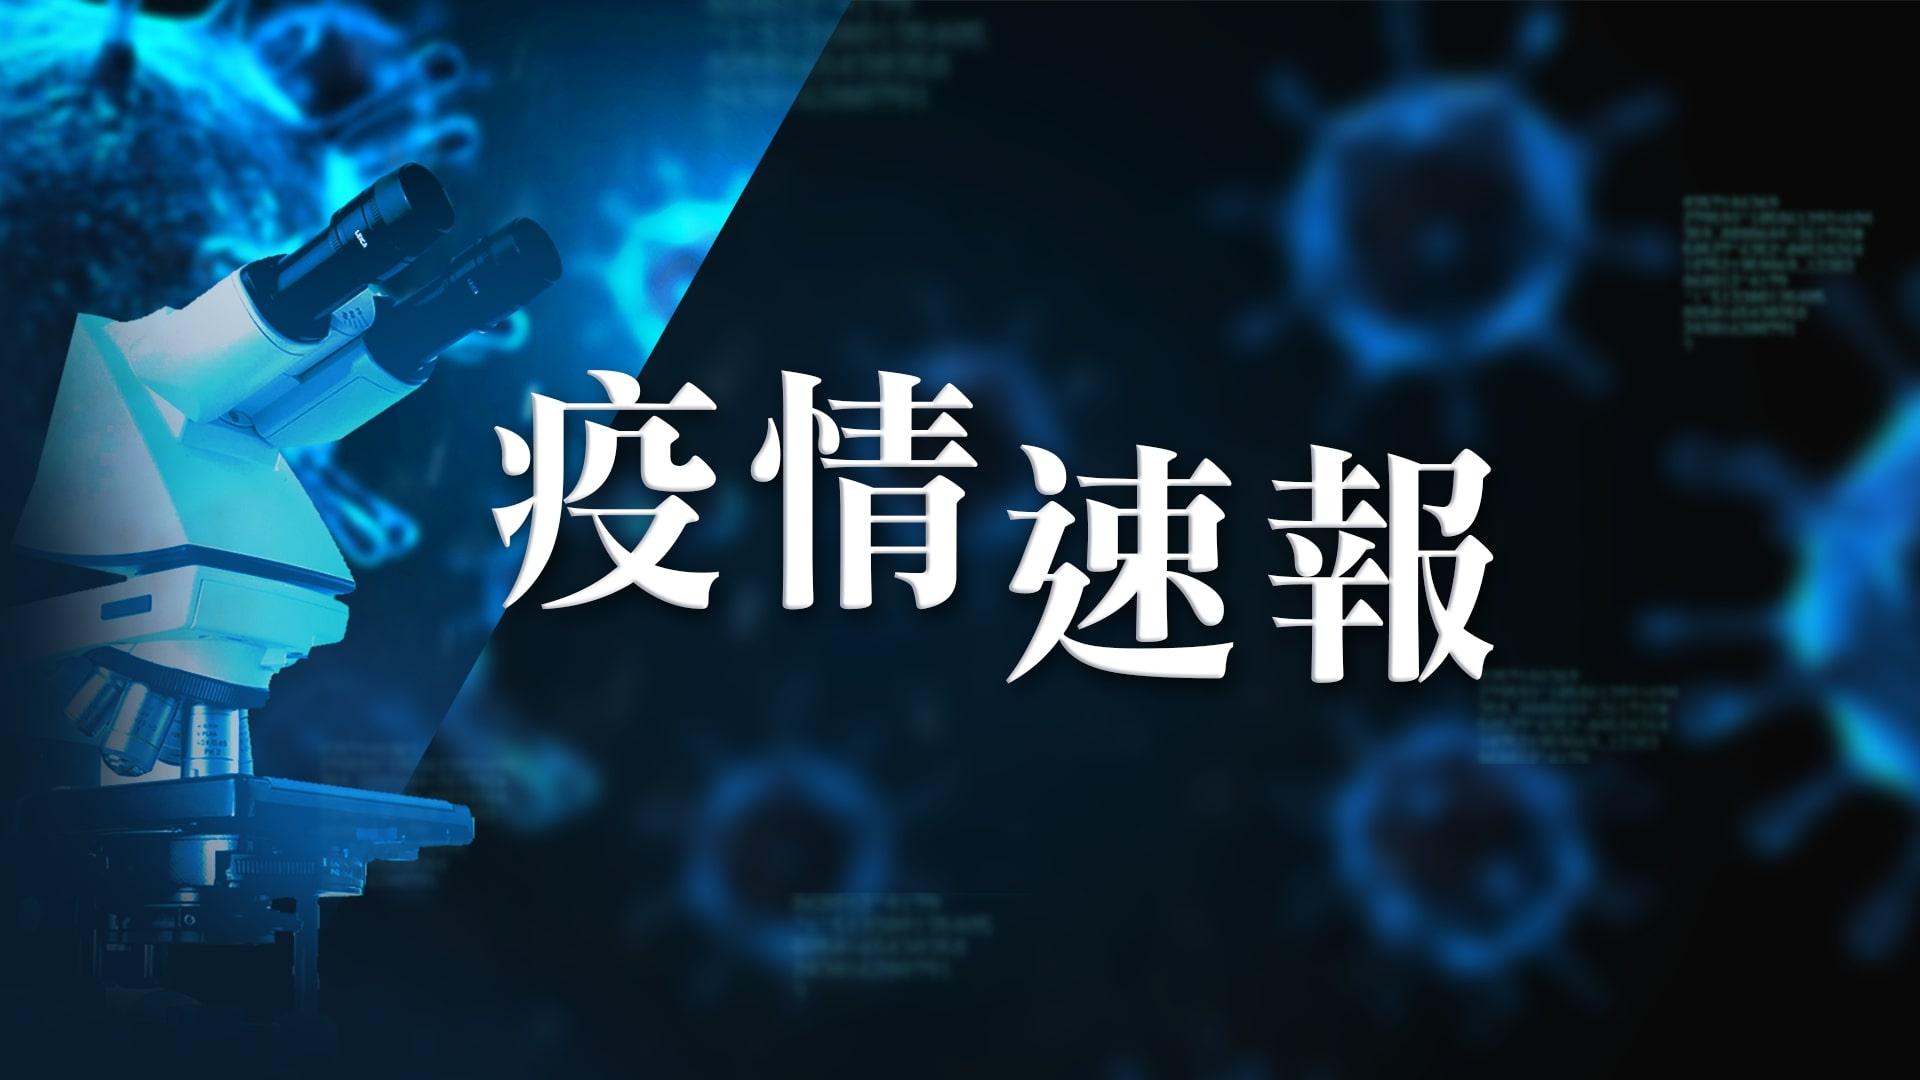 【5月16日疫情速報】(23:05)